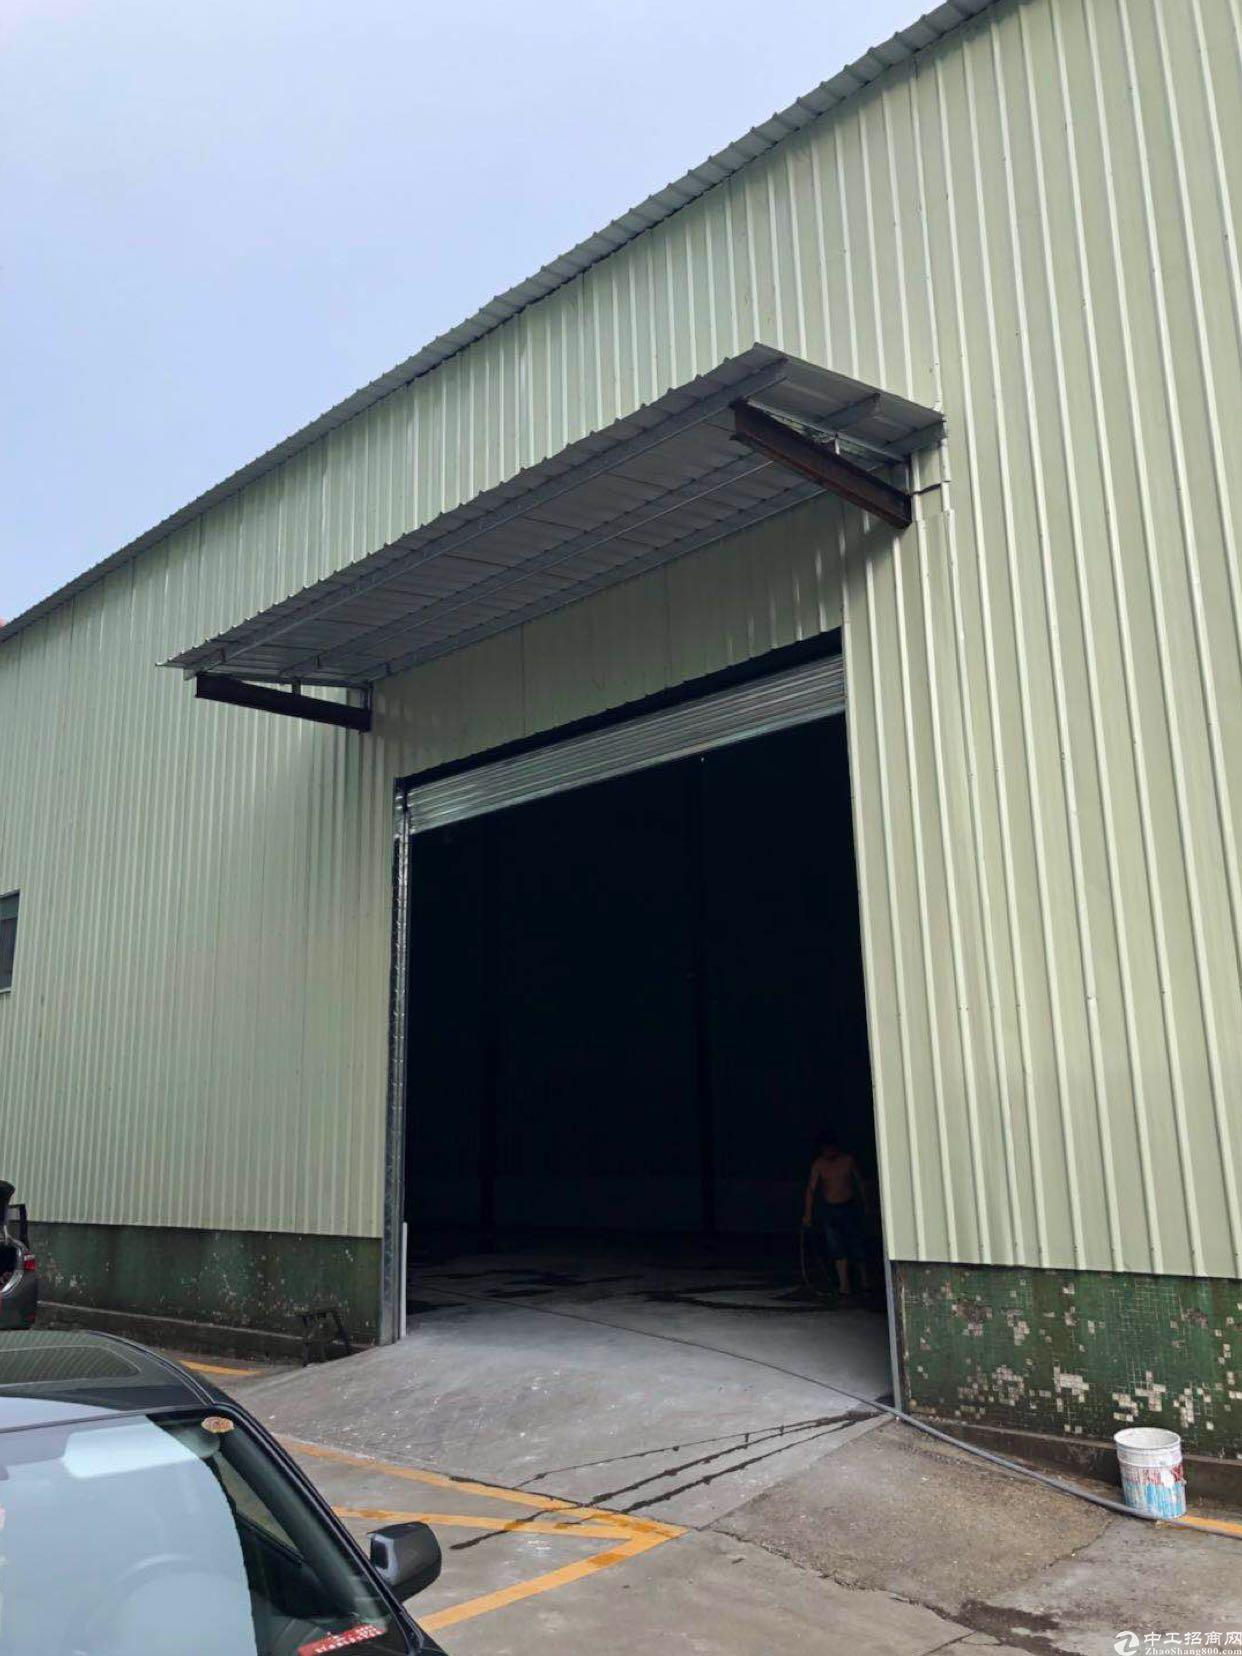 布吉平吉大道上李朗工业园全新钢构1280平方,10米高